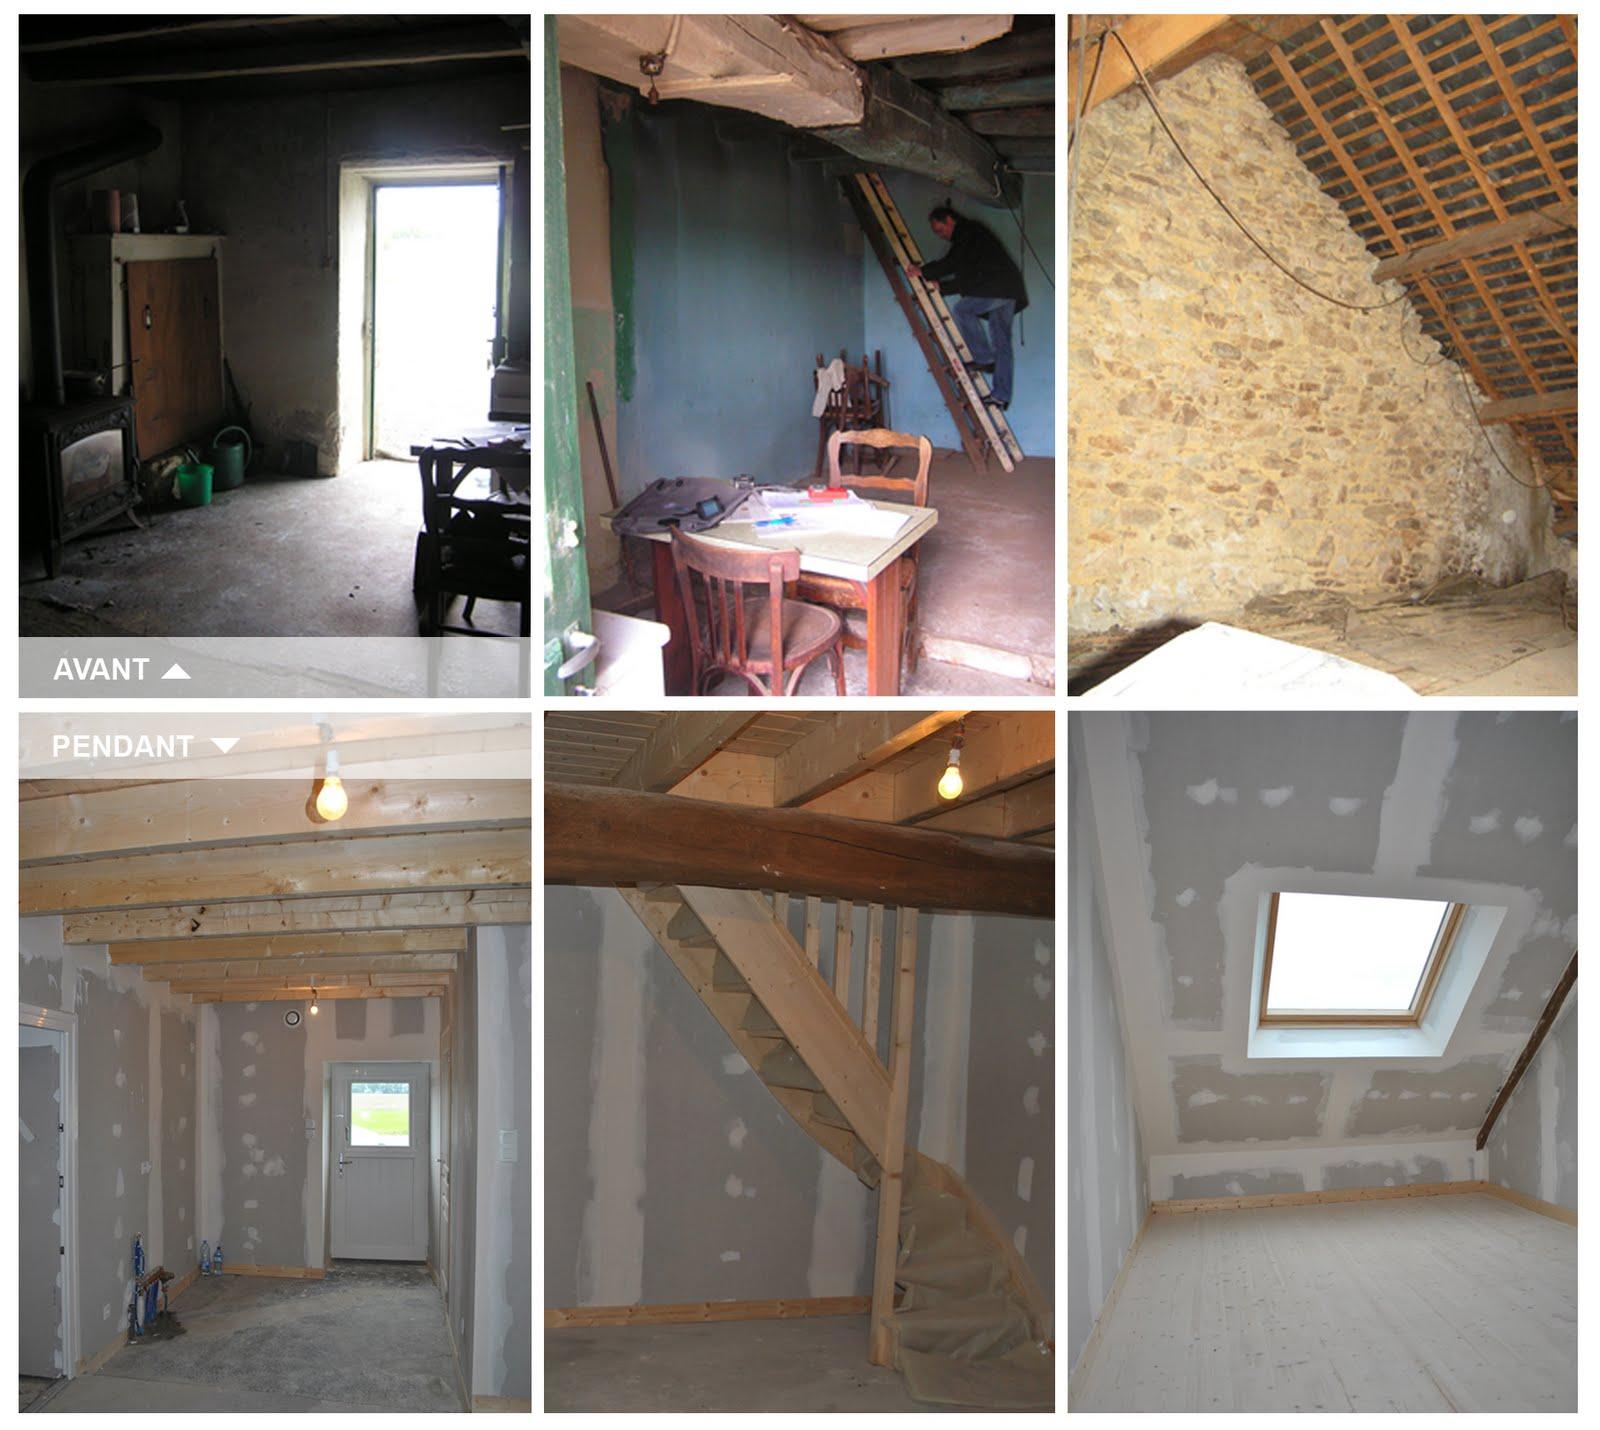 branchement chauffe eau electrique jour nuit lyon devis peinture appartement 100m2 soci t eabauk. Black Bedroom Furniture Sets. Home Design Ideas